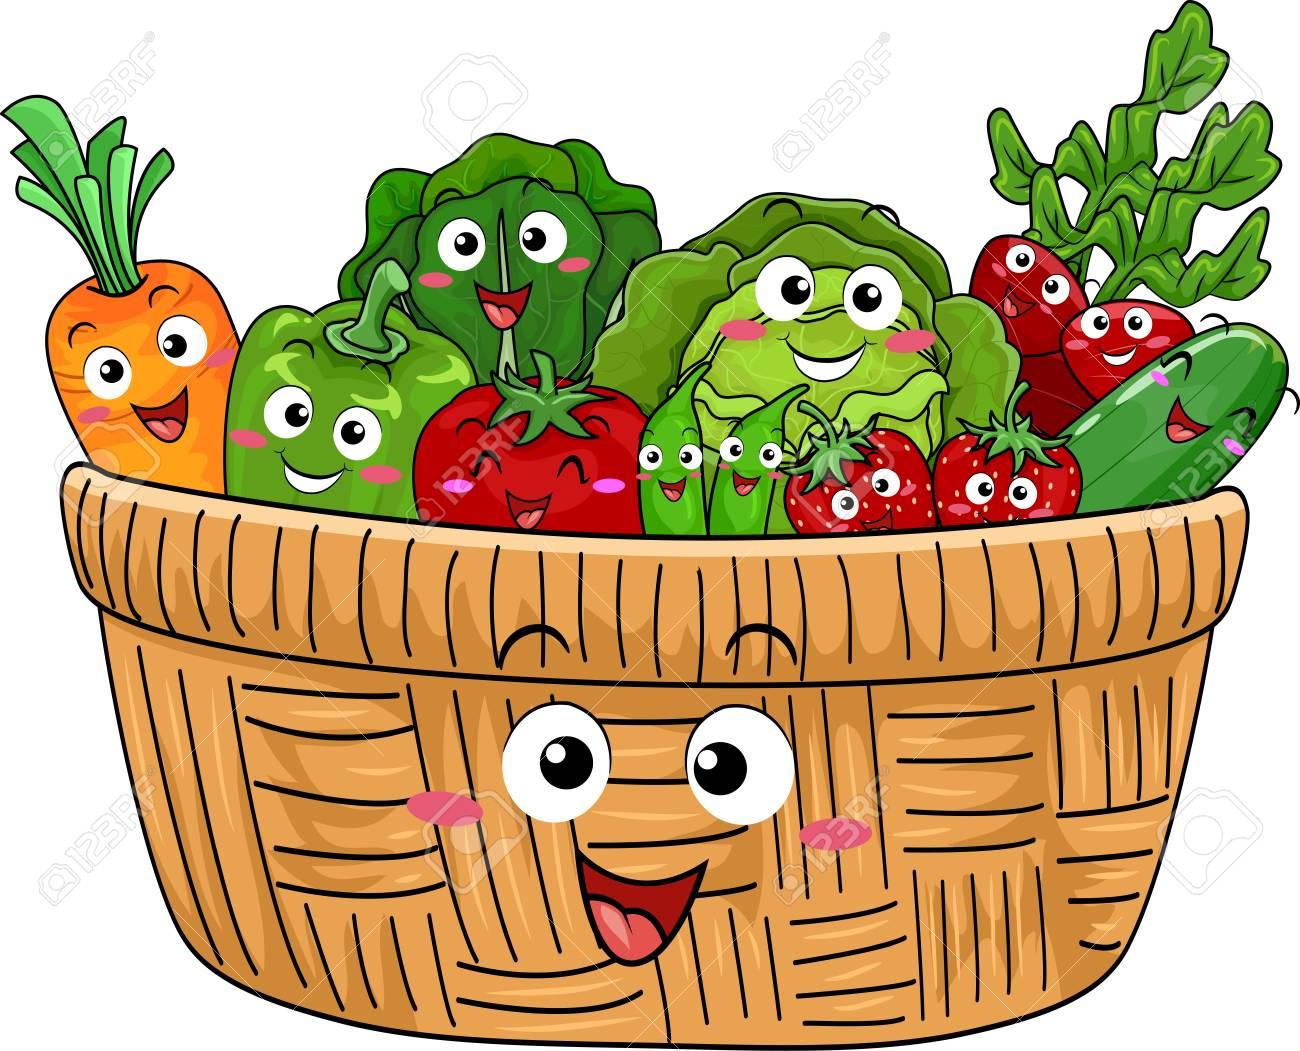 新鮮な収穫の果物と野菜いっぱいのかわいい木製バスケットを備え